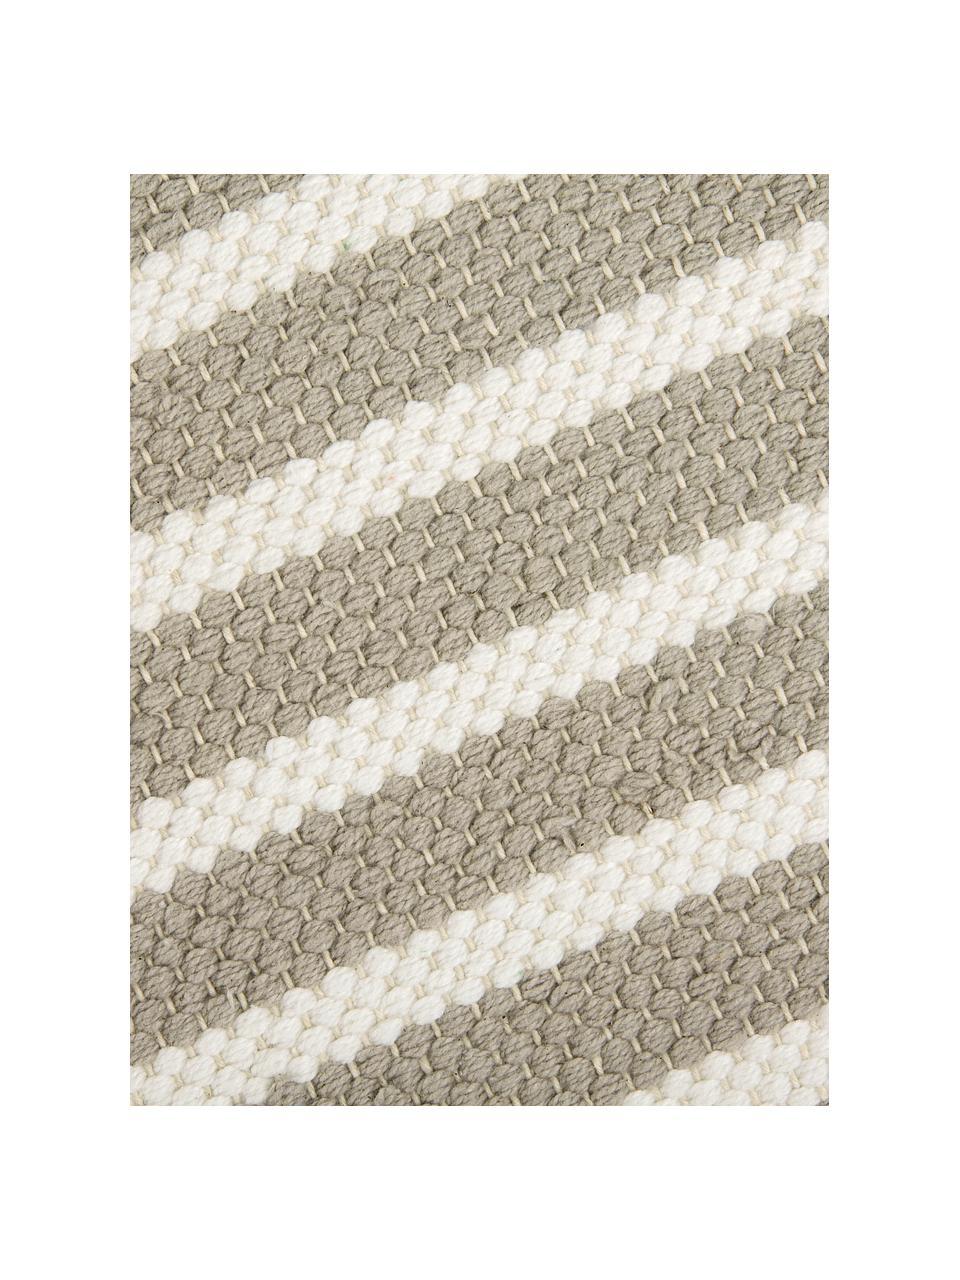 Gestreifter Badvorleger Stripes & Structure mit Fransenabschluss, 100% Baumwolle, Beige, gebrochenes Weiß, 60 x 100 cm